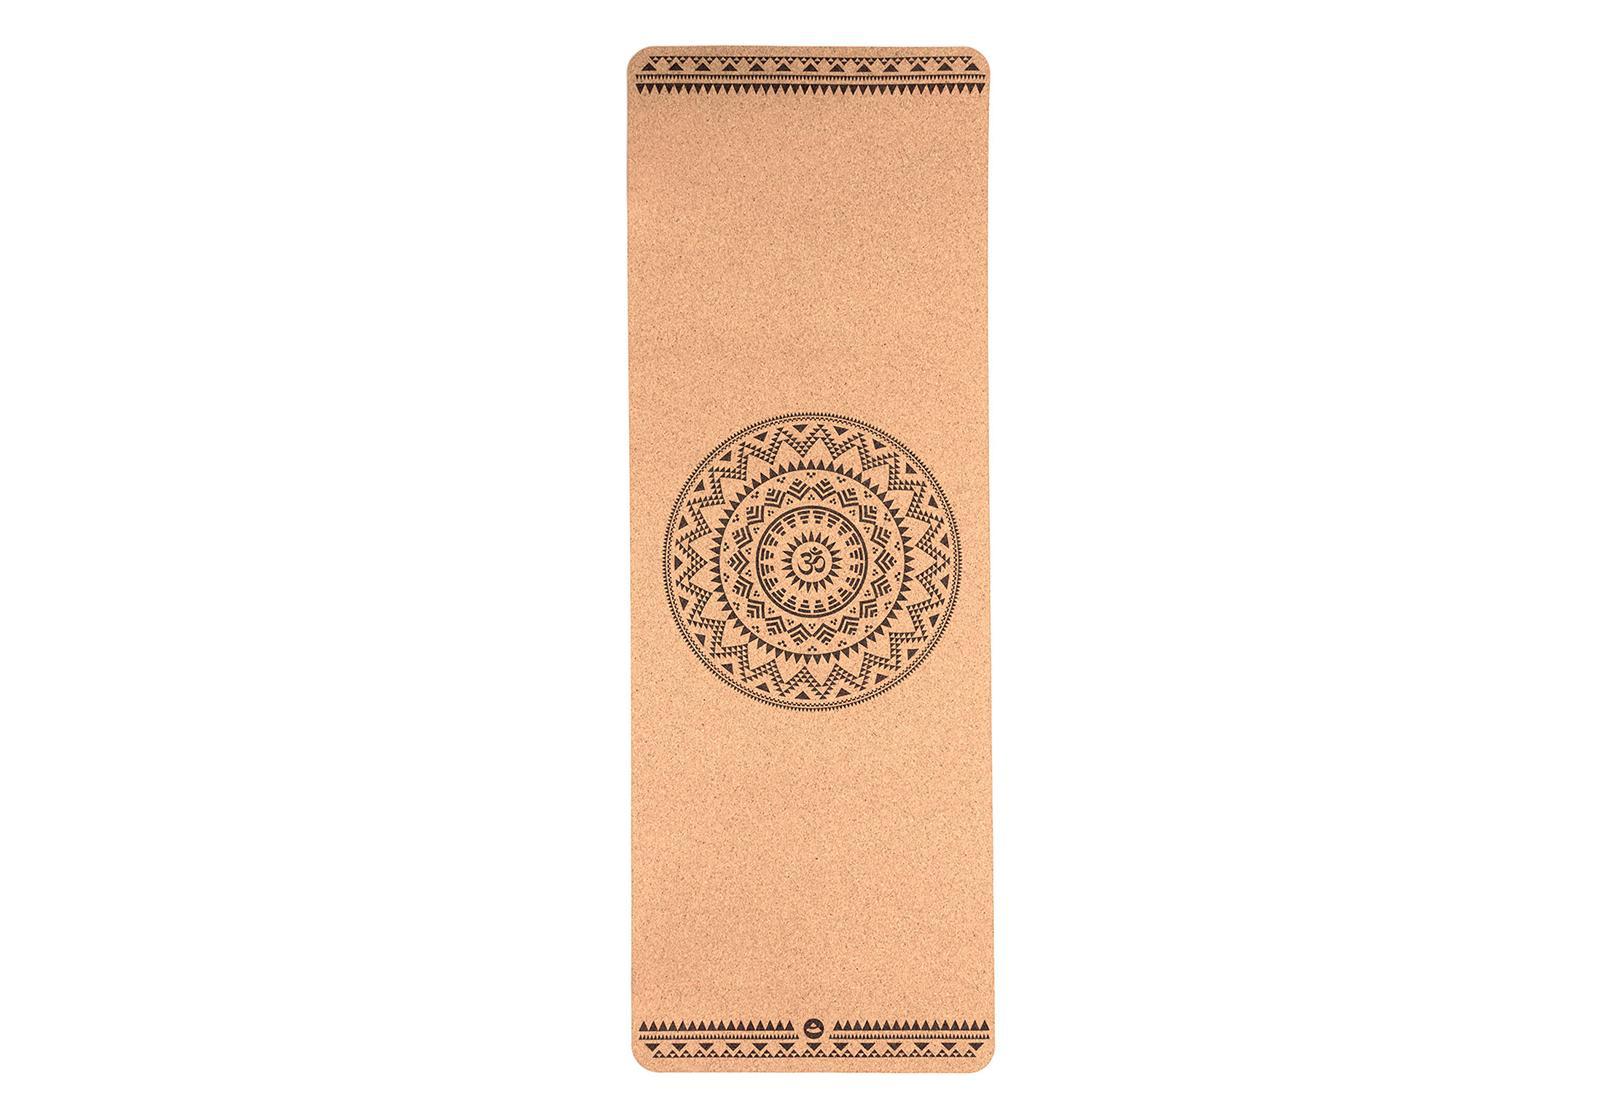 Yoga-mat-Cork_ETHNO-MANDALA1.jpg